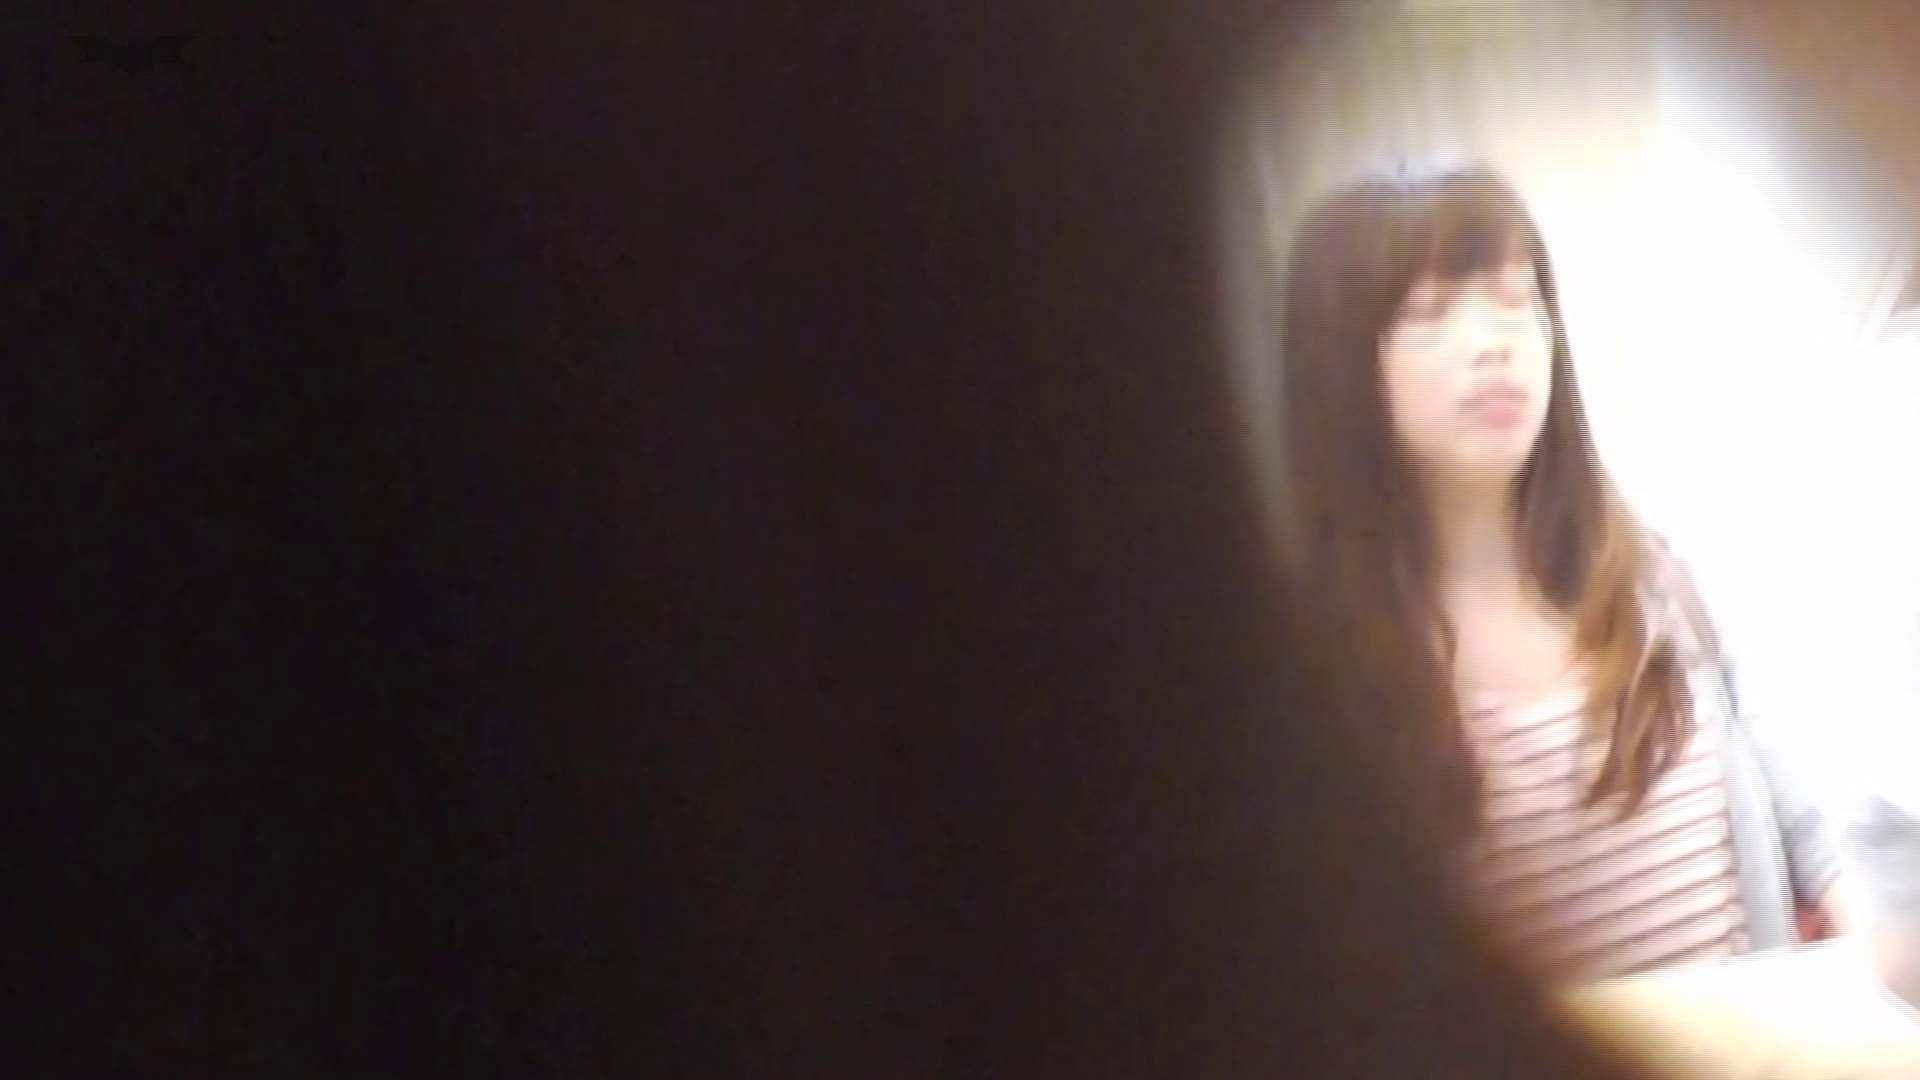 和式洋式七変化 Vol.32 綺麗な子連続登場 洗面所 すけべAV動画紹介 92連発 43